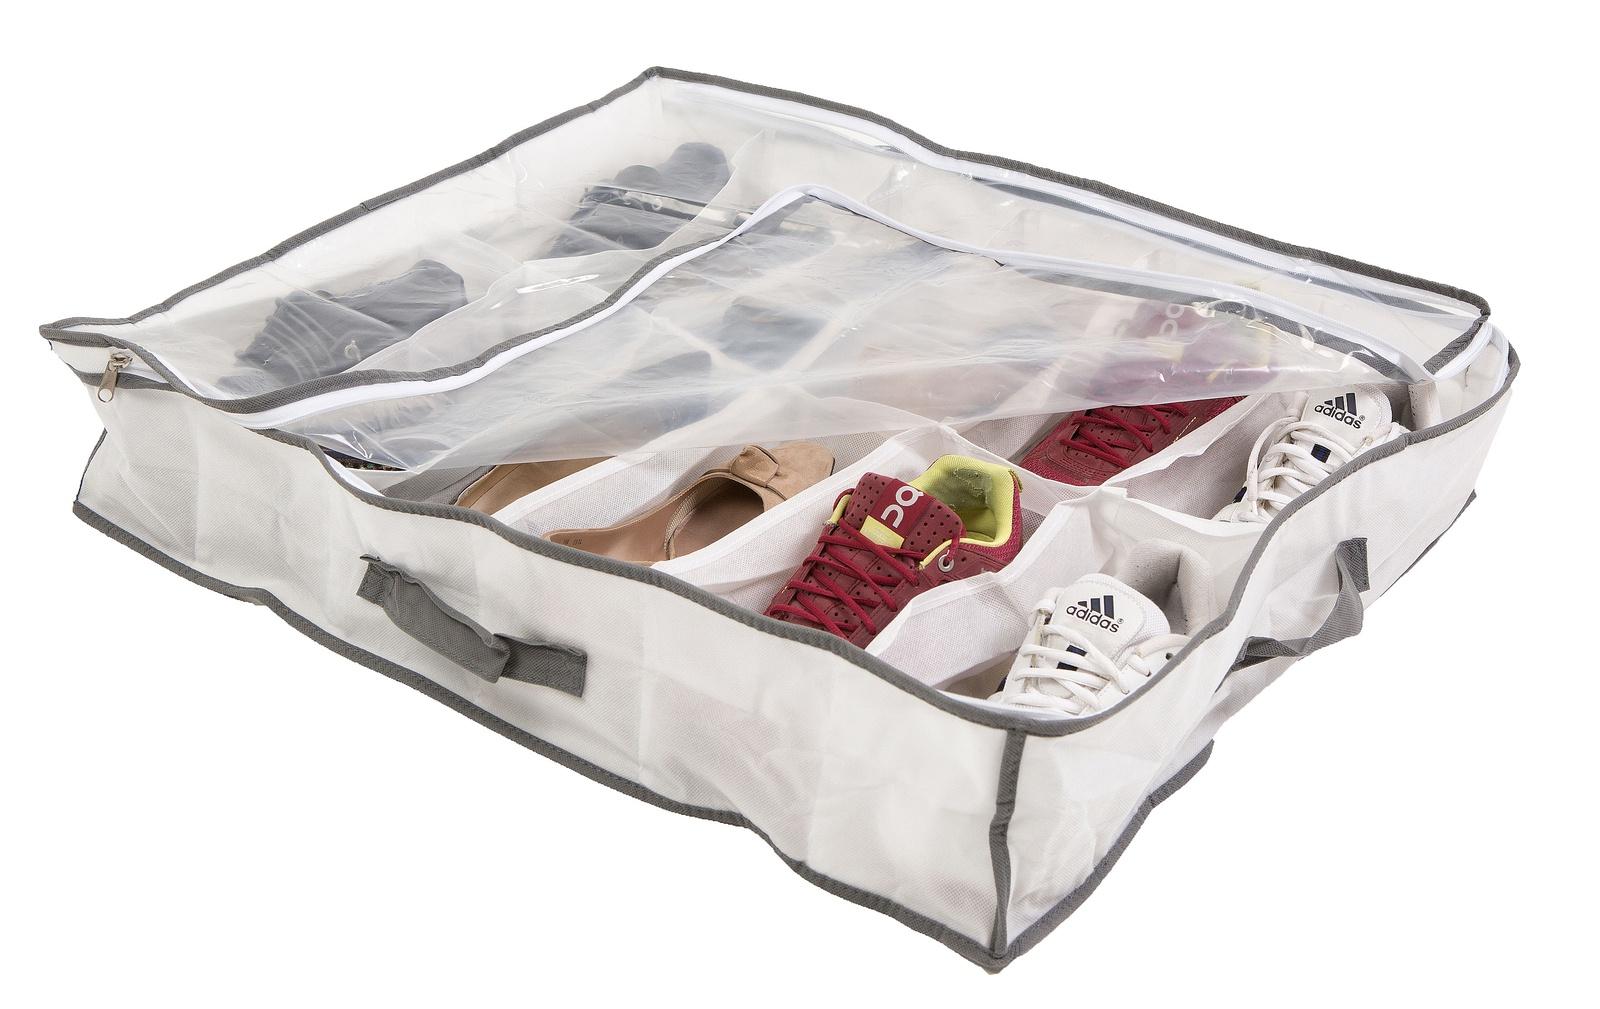 Подкроватнвй органайзер Bella Casa, для хранения 12 пар обуви, цвет: белый. BC25013 сушильный стеллаж для обуви змк zmk komfor на 70 пар